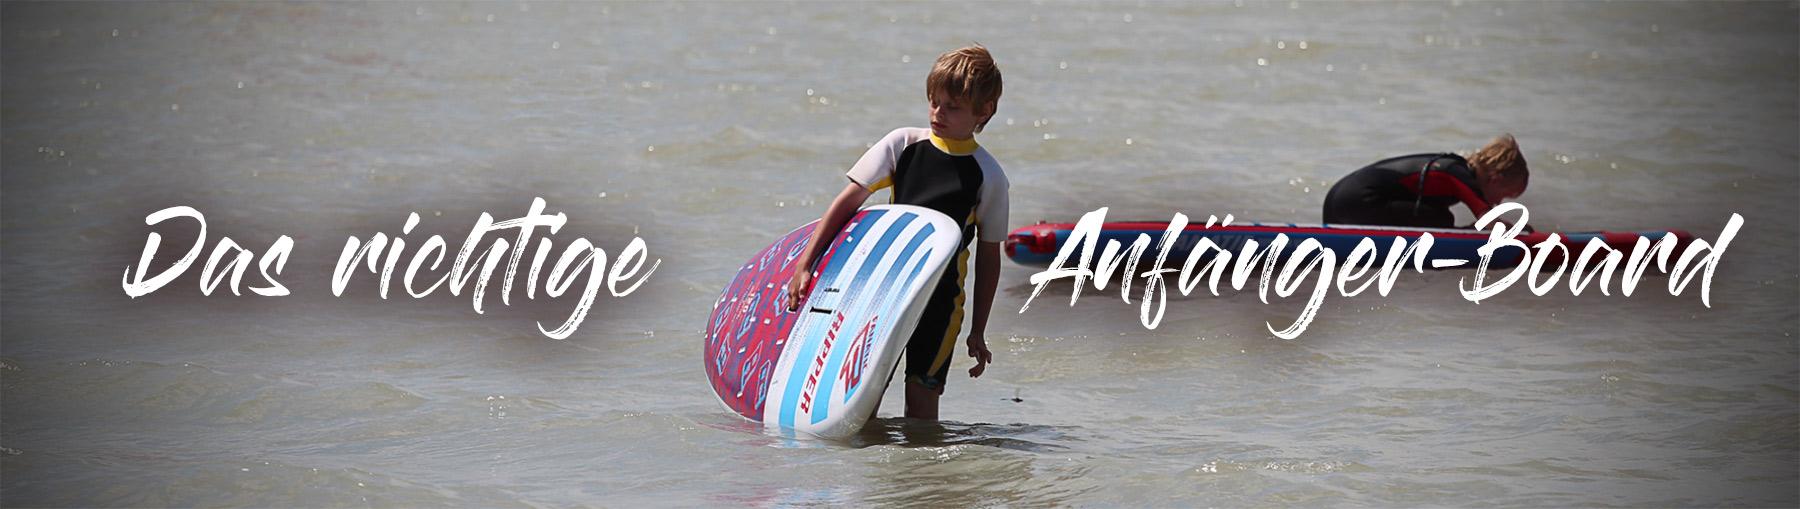 das richtige Windsurfboard für Kinder